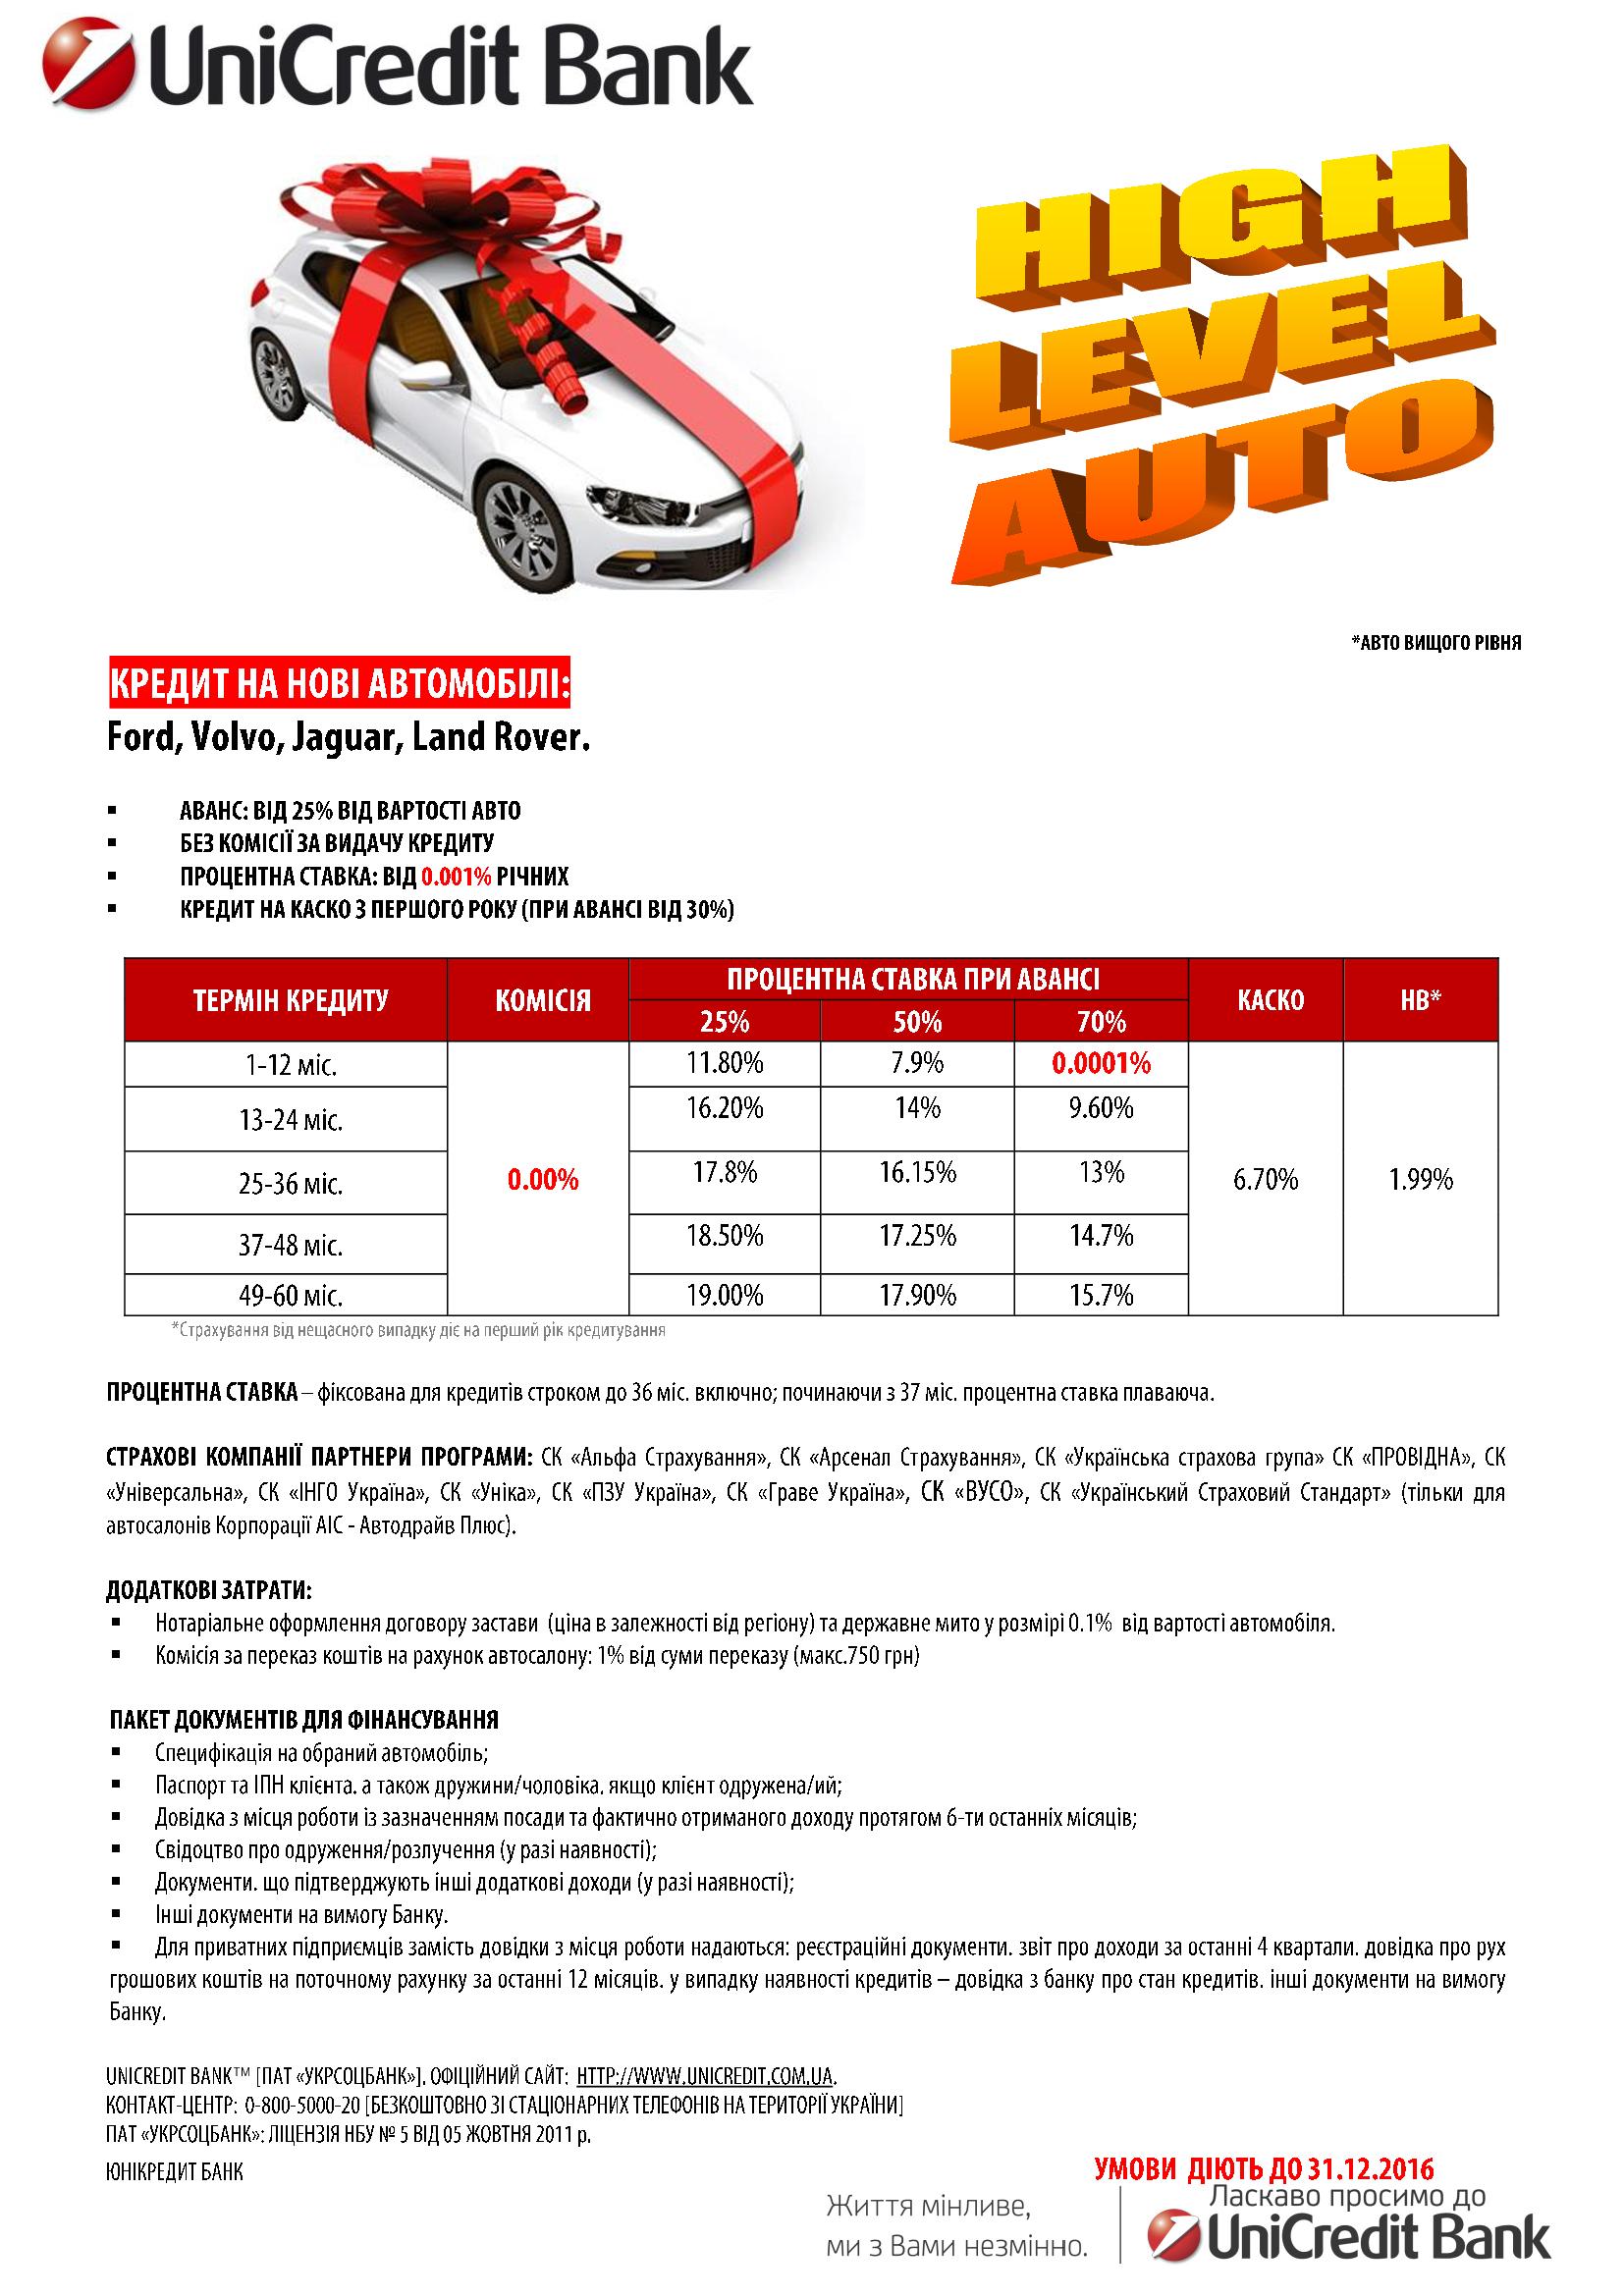 Кредит на нові автомобілі від UniCredit Bank  (ПАТ «УКРСОЦБАНК») - офіційний представник Winner в Україні